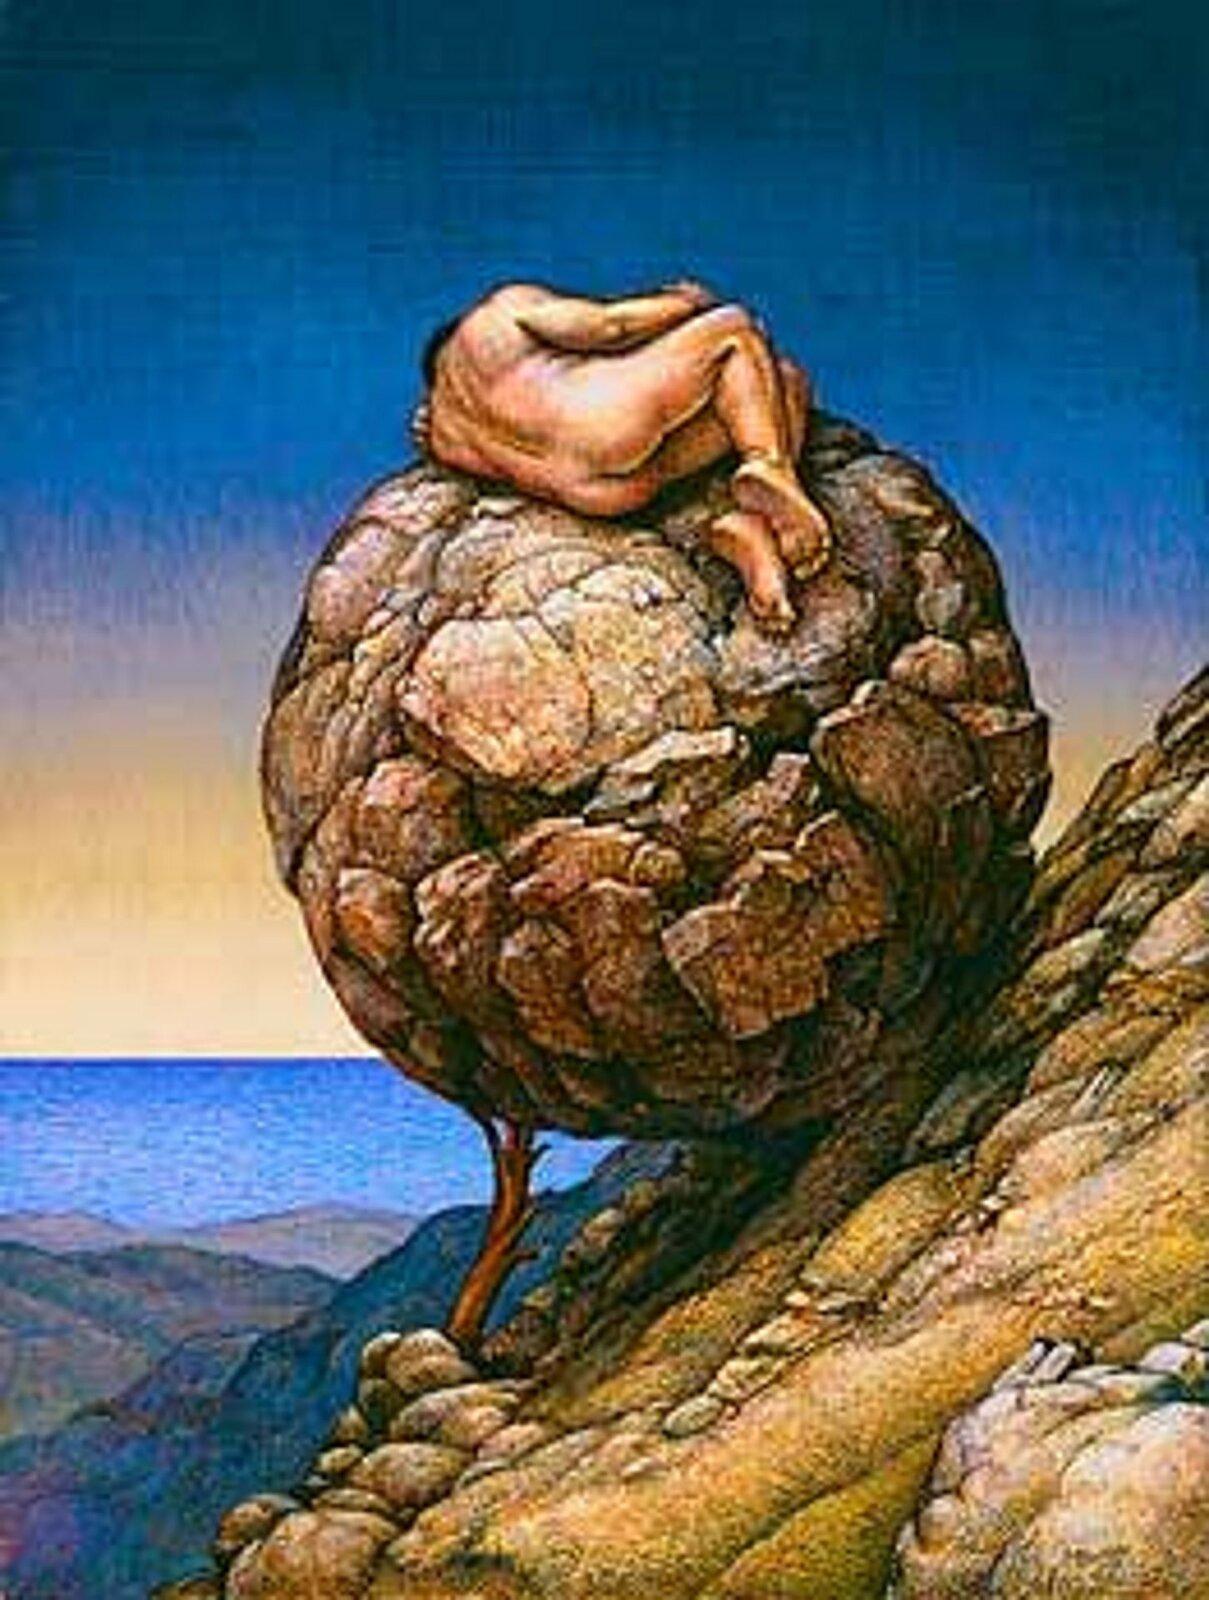 """Ilustracja przedstawia dzieło Michaela Bergta pt. """"Śpiący Syzyf"""". Wcentralnej części obrazu znajduje się wielka kamienna kula podparta gałęzią ozbocze skały. Na kamieniu śpi skulony nagi mężczyzna. Postać ukazana jest ztyłu. Tło obrazu stanowi błękitne morze irozpościerające się nad nim niebo."""